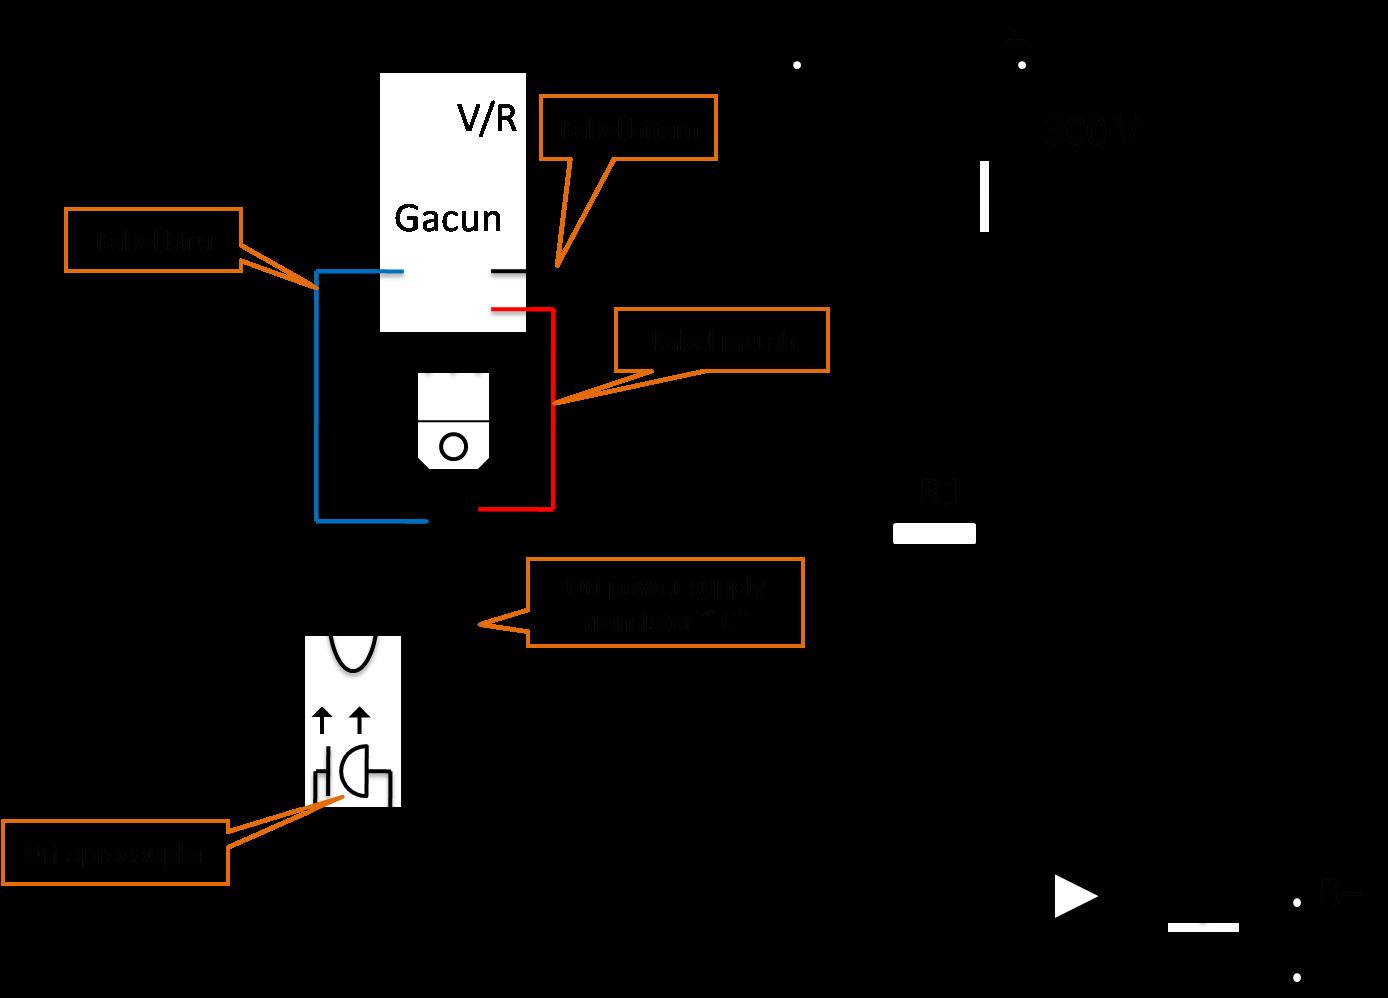 Cara Memasang 3 Kabel Modul Power Supply Universal/Gacun